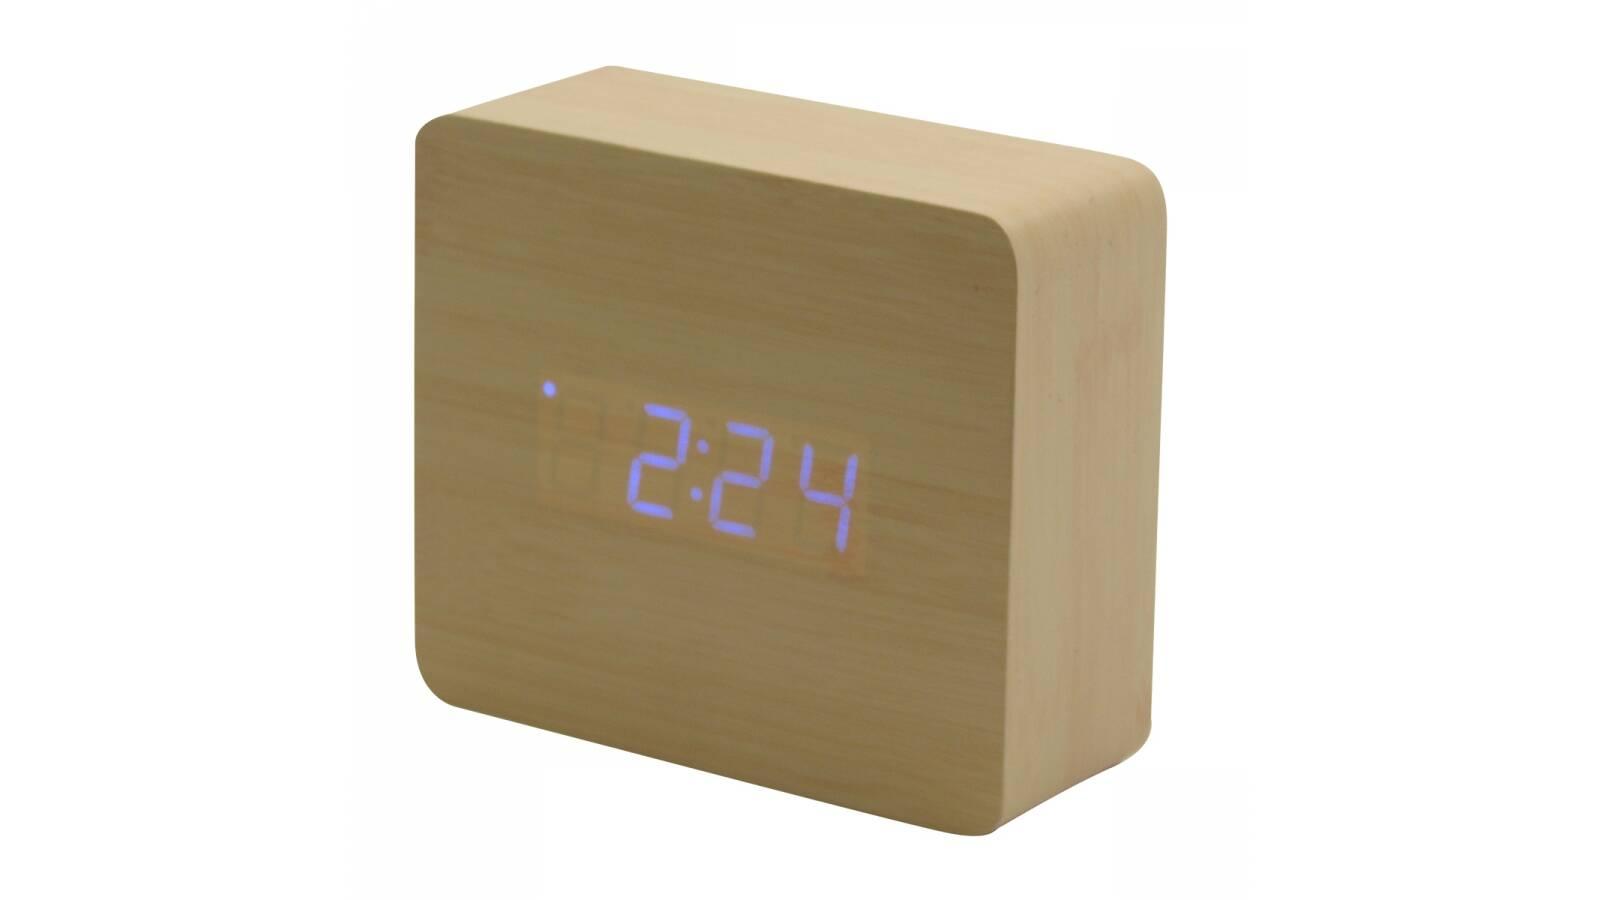 Reloj despertador alarma fm con display digital - madera tono claro